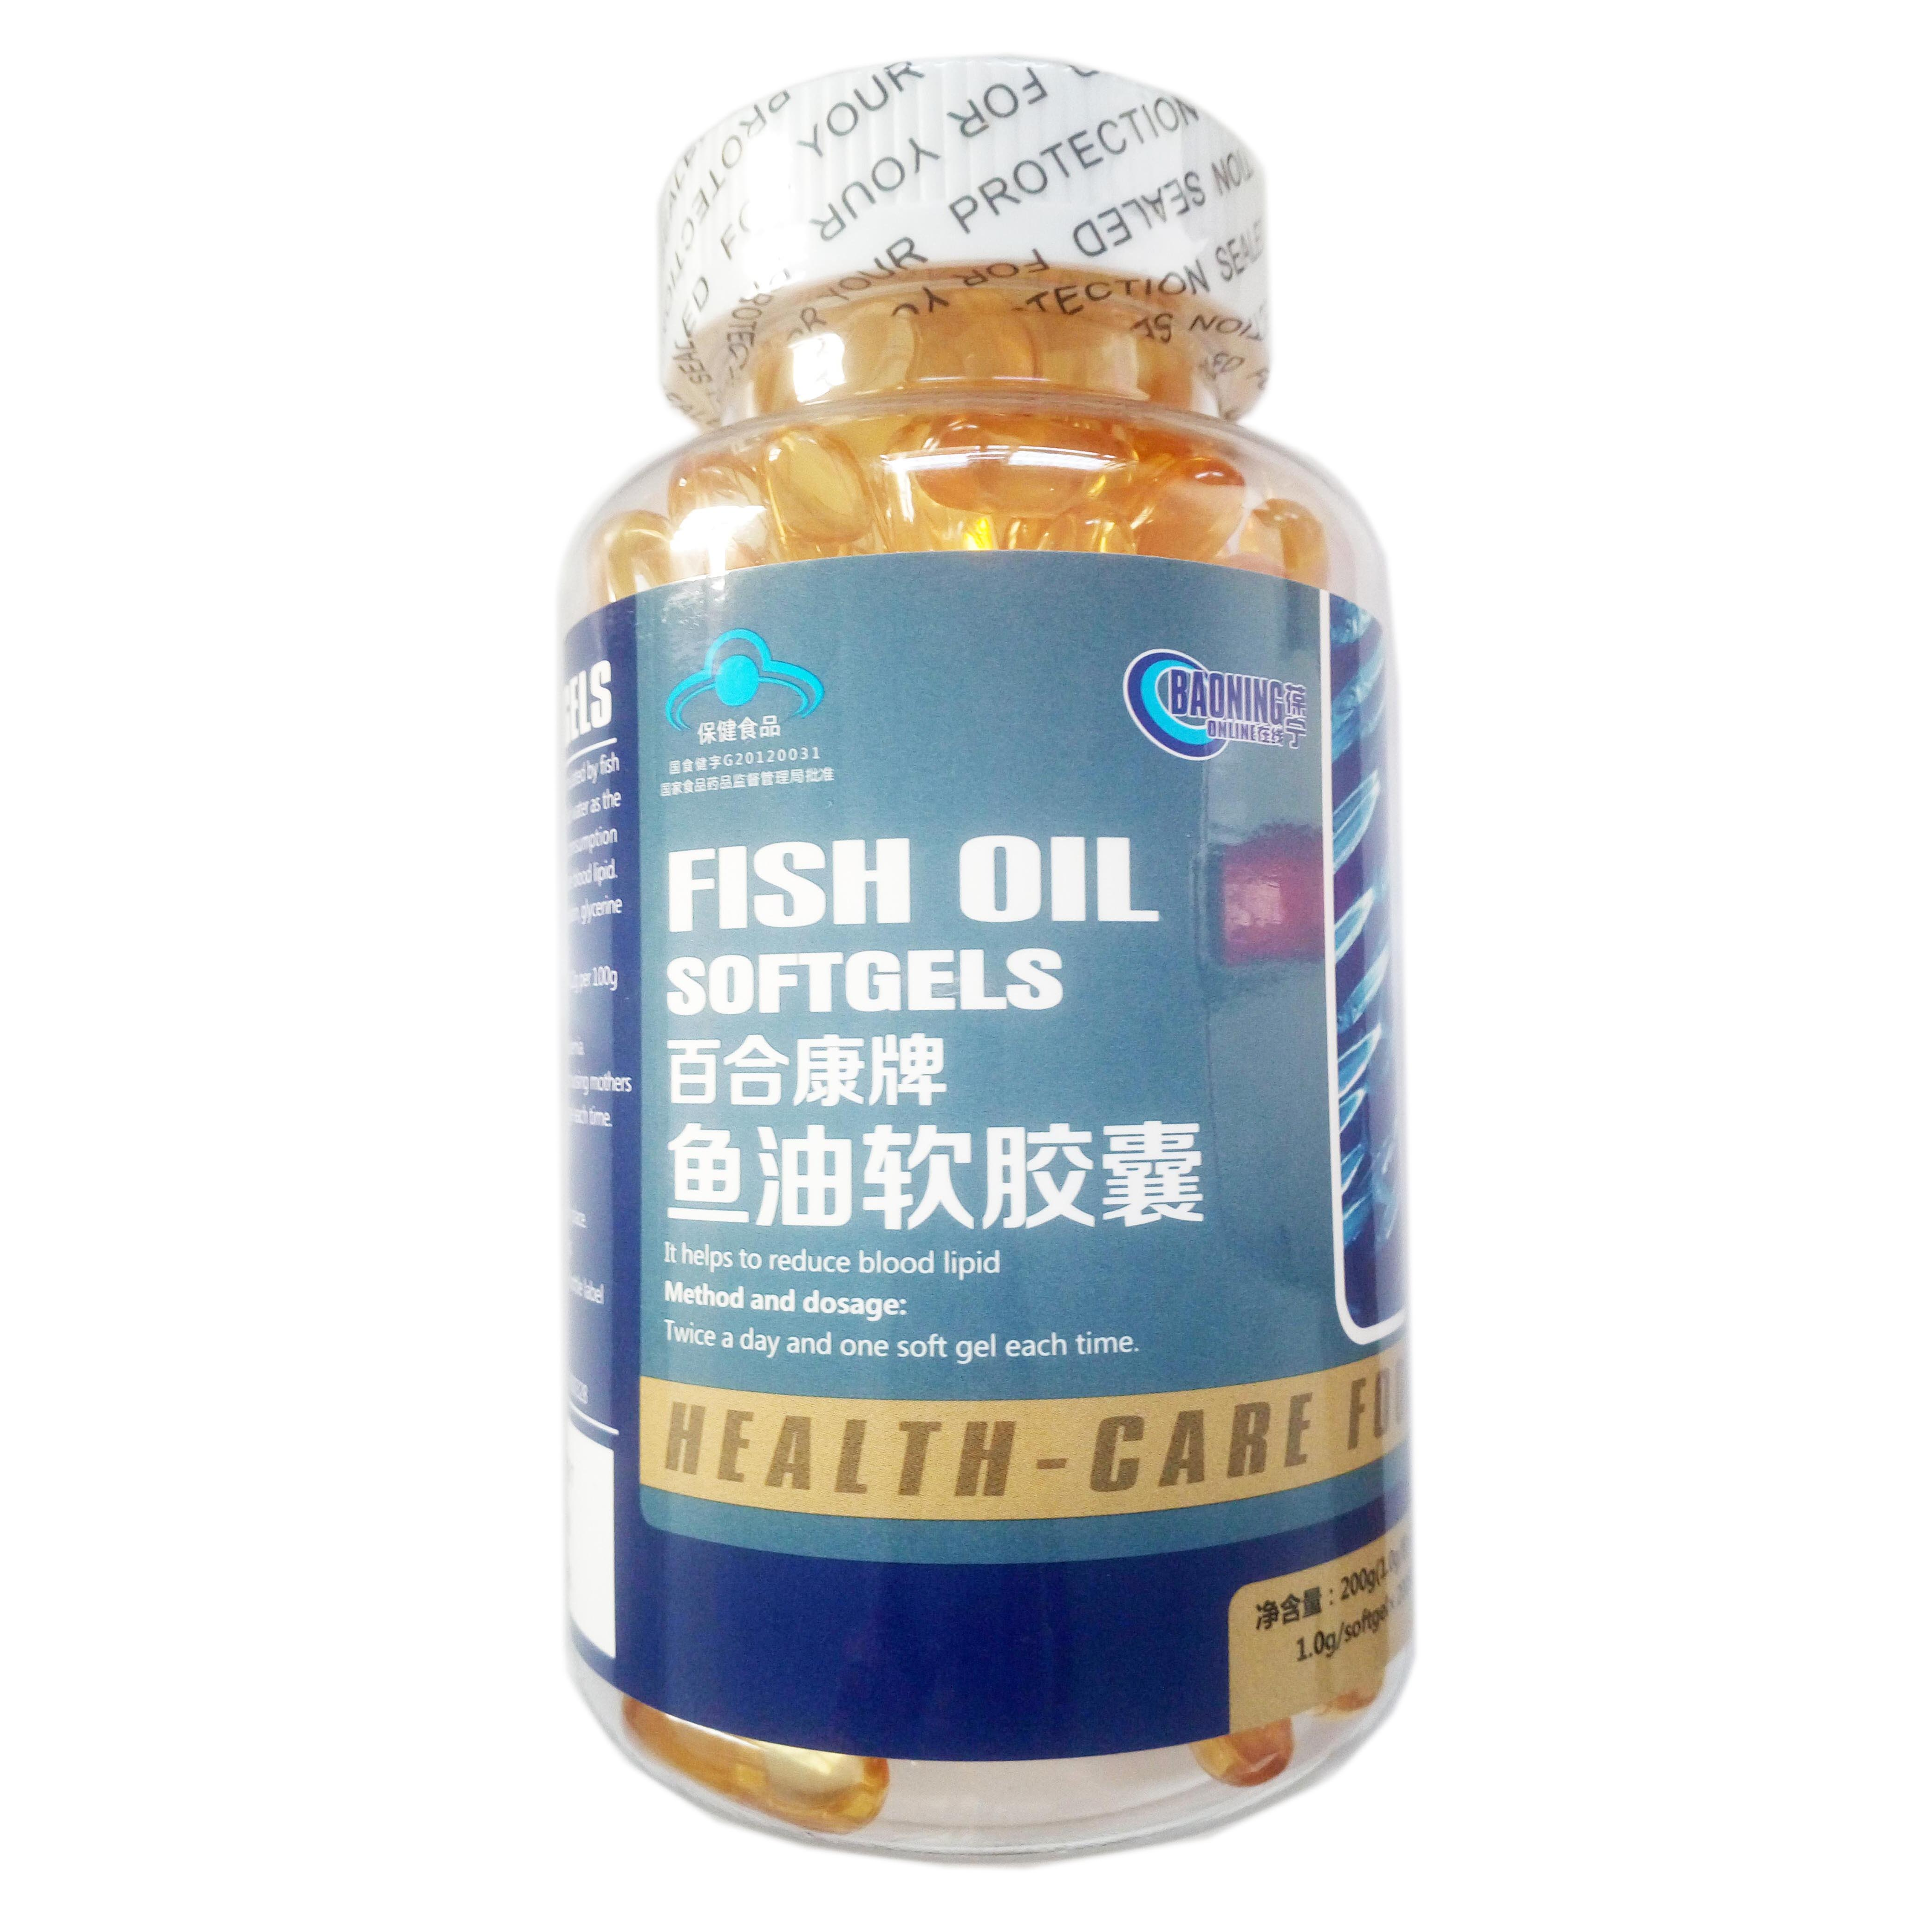 百合康牌鱼油软胶囊